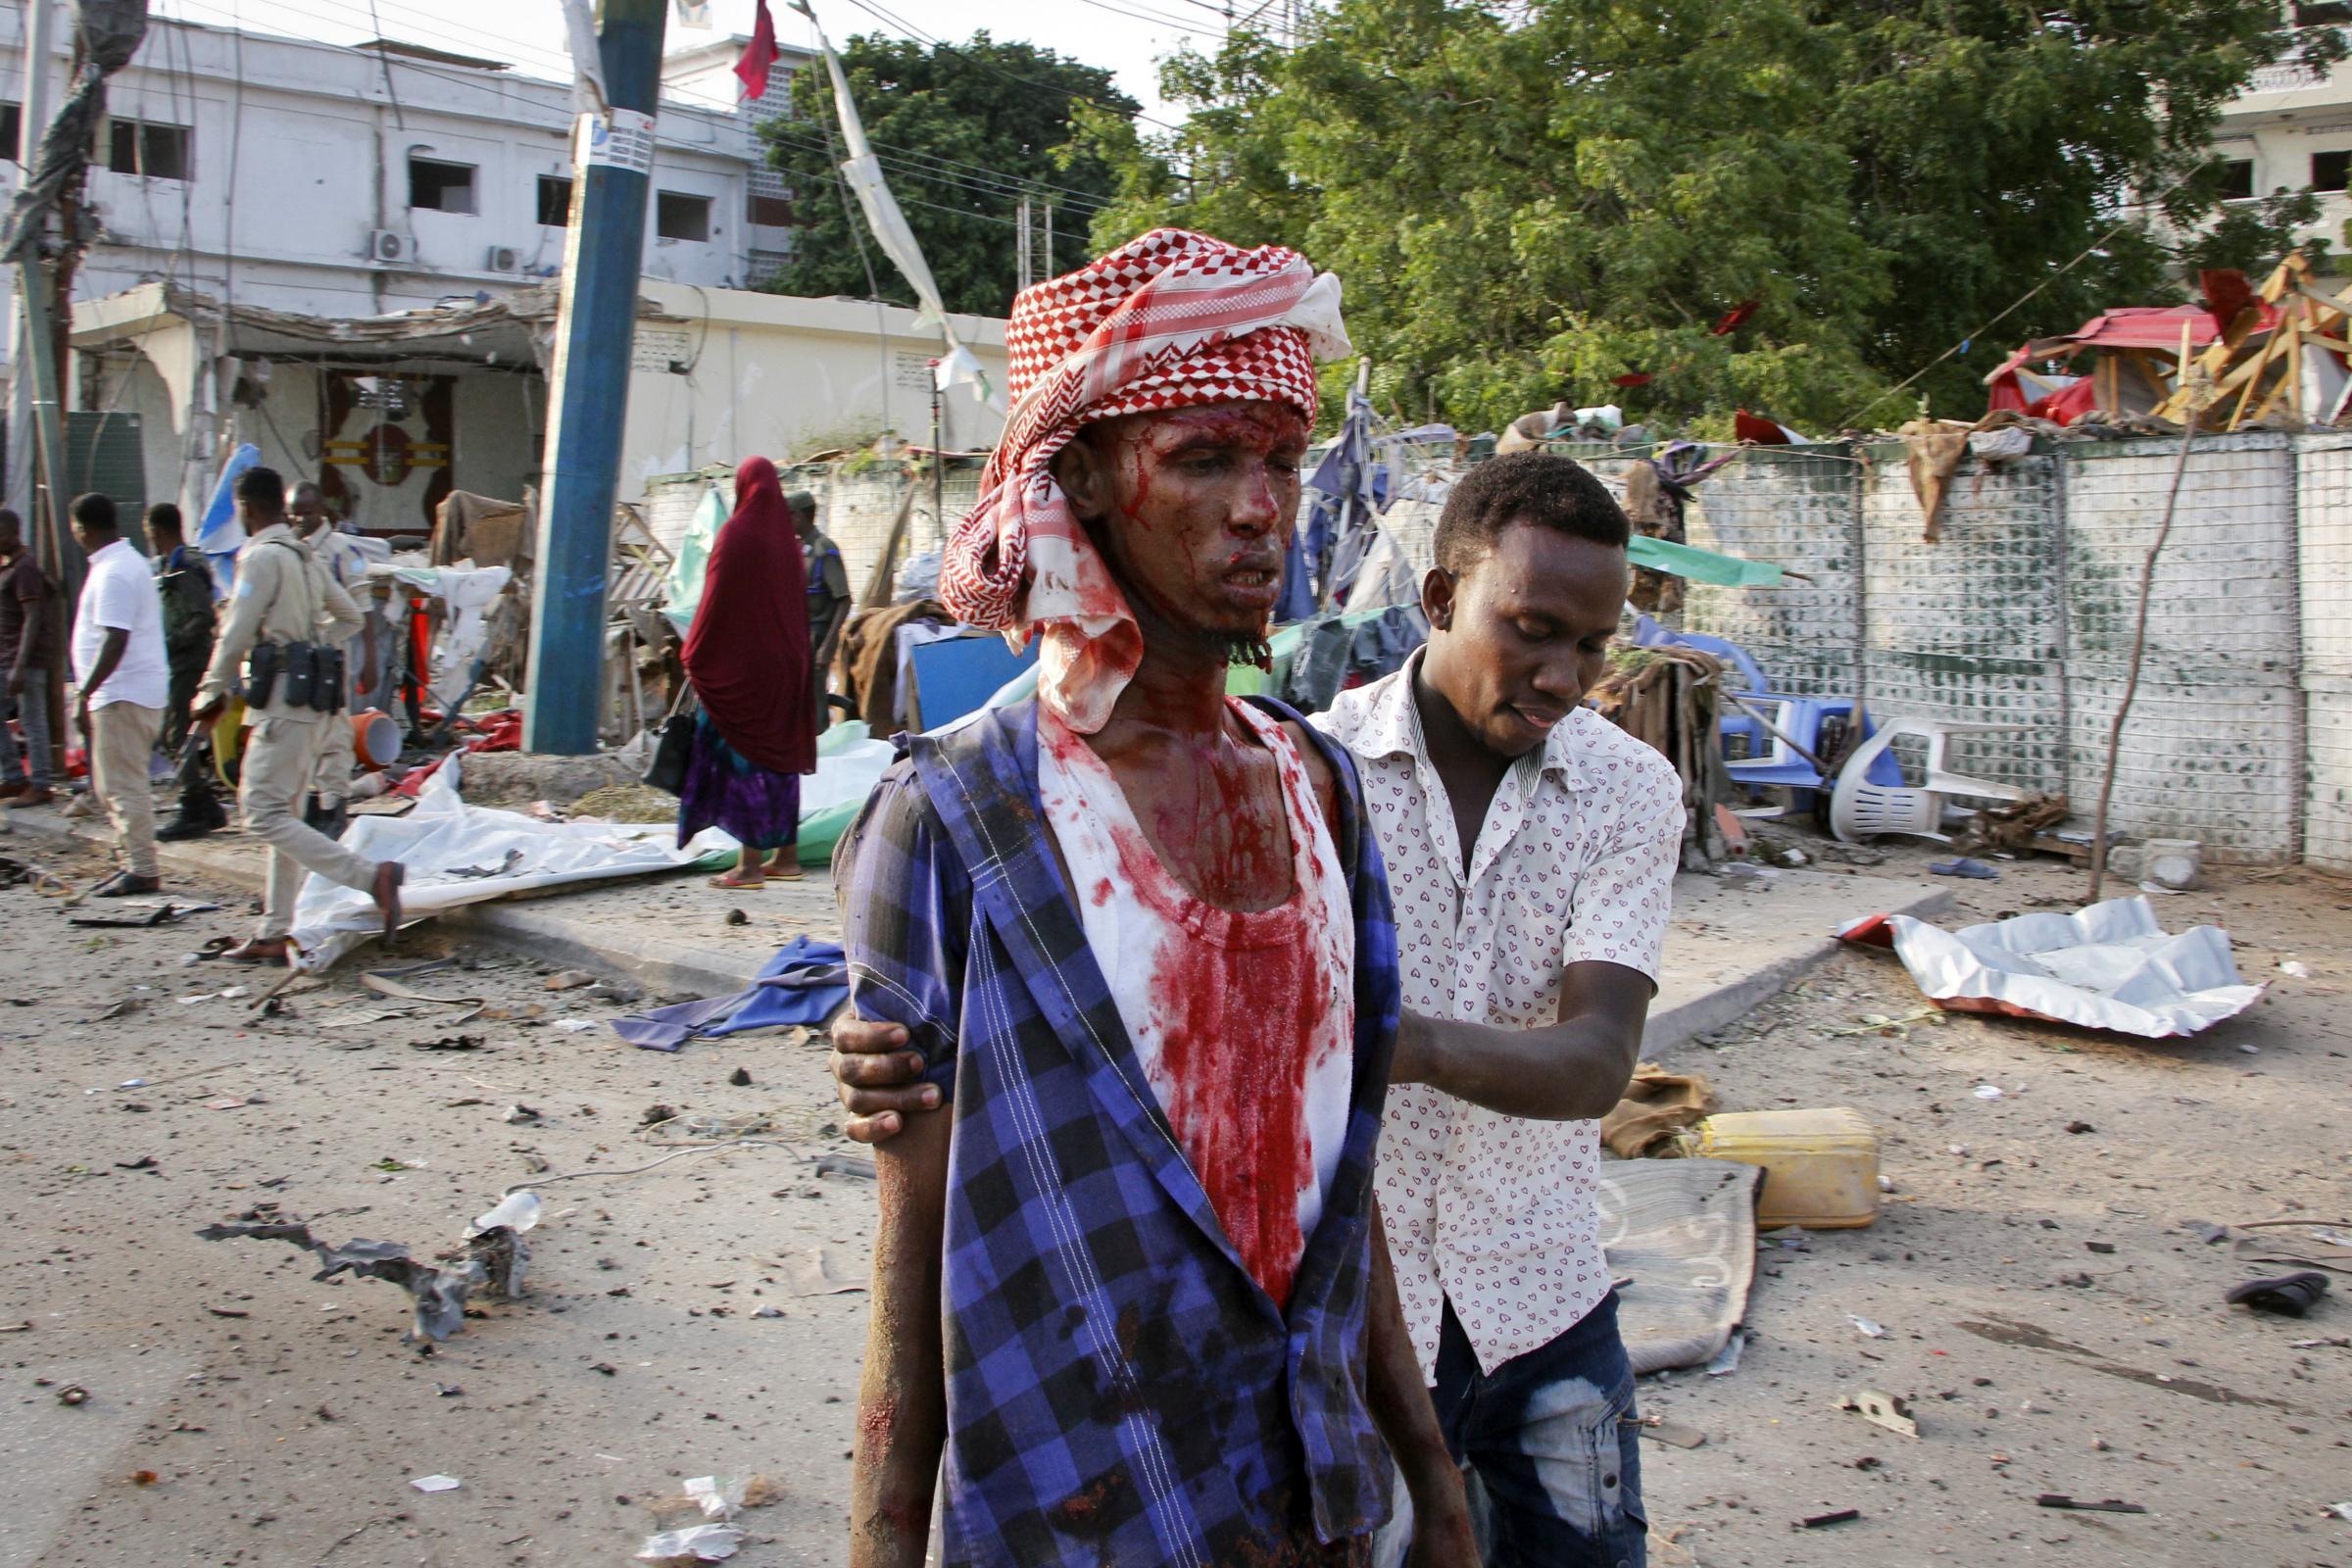 10人在索马里首都酒店门前被汽车炸弹炸死